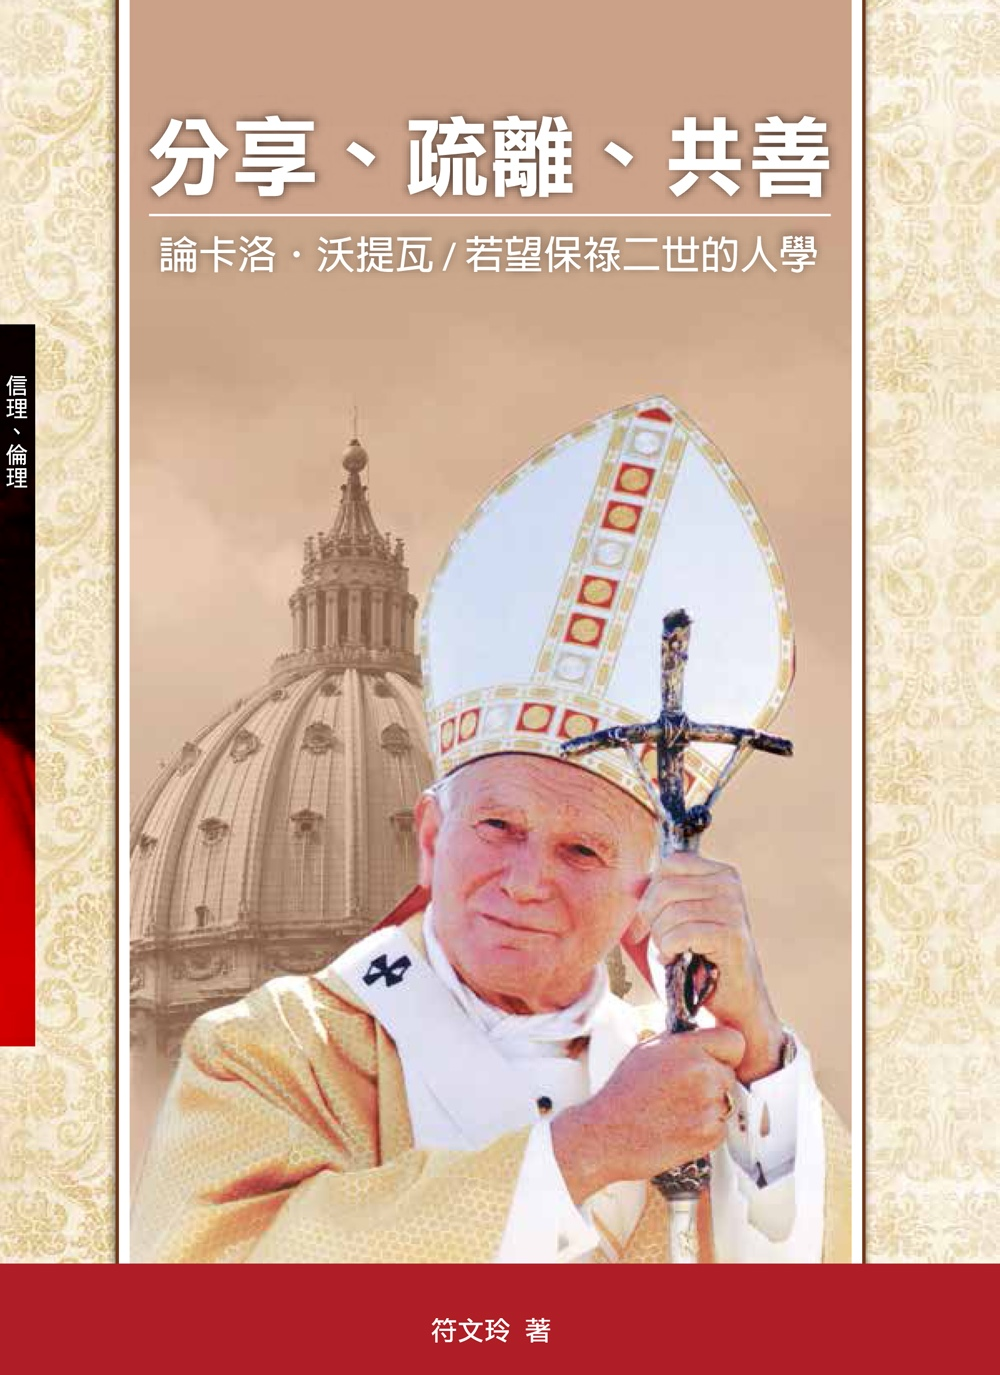 分享、疏離、共善(神叢136):論卡洛‧沃提瓦/若望保祿二世的人學